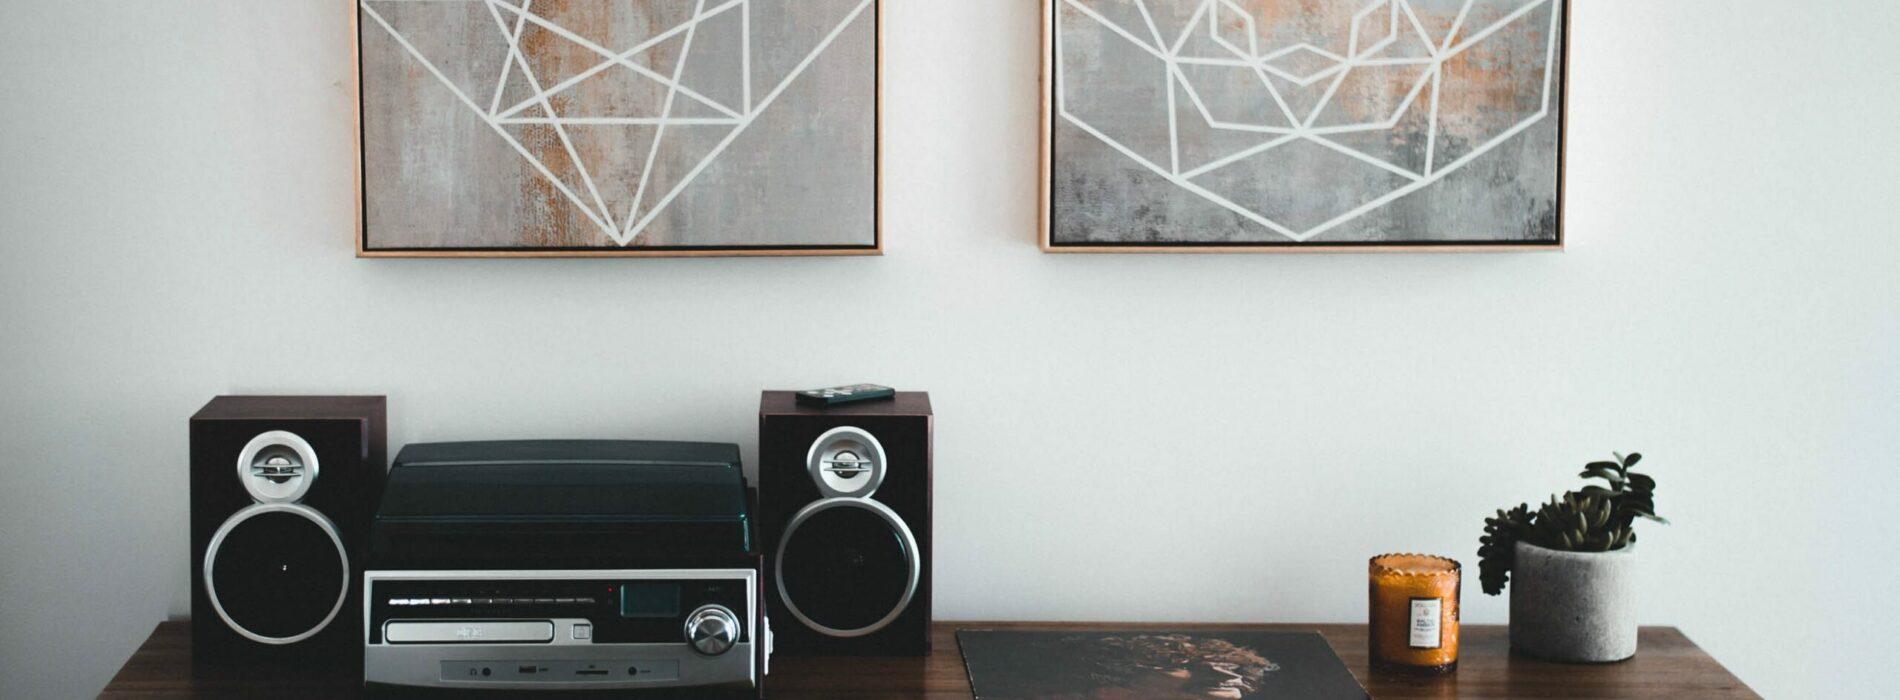 Wybieranie głośników do systemu stereo